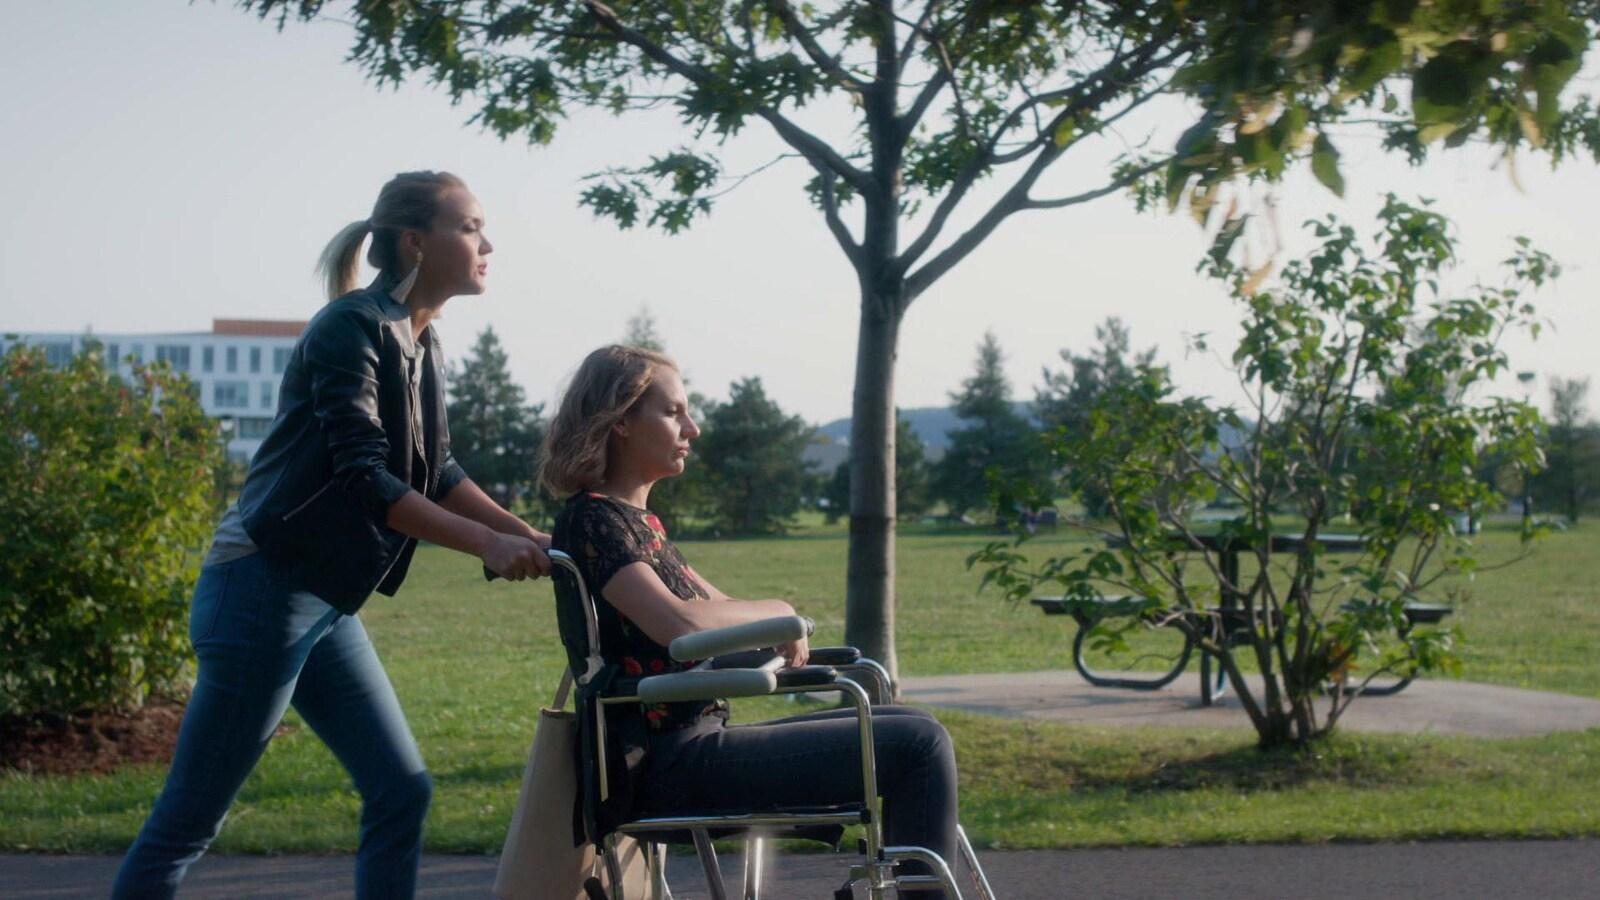 À l'extérieur, Julie Ringuette pousse la chaise roulante sur laquelle est assise Léane Labrèche-Dor.